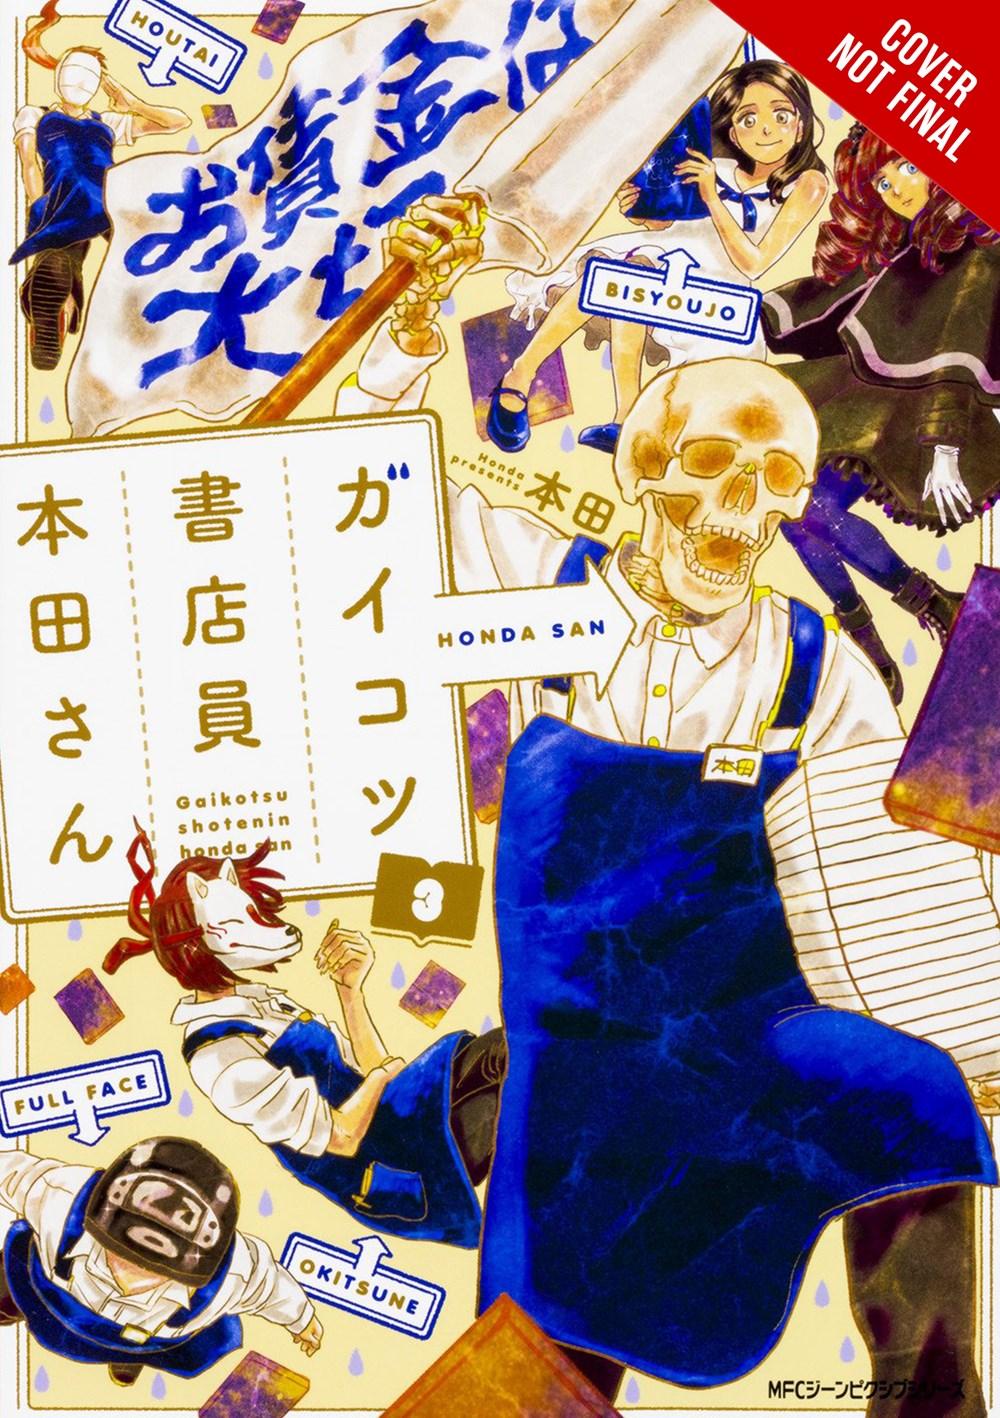 Skull-face Bookseller Honda-san Manga Volume 3